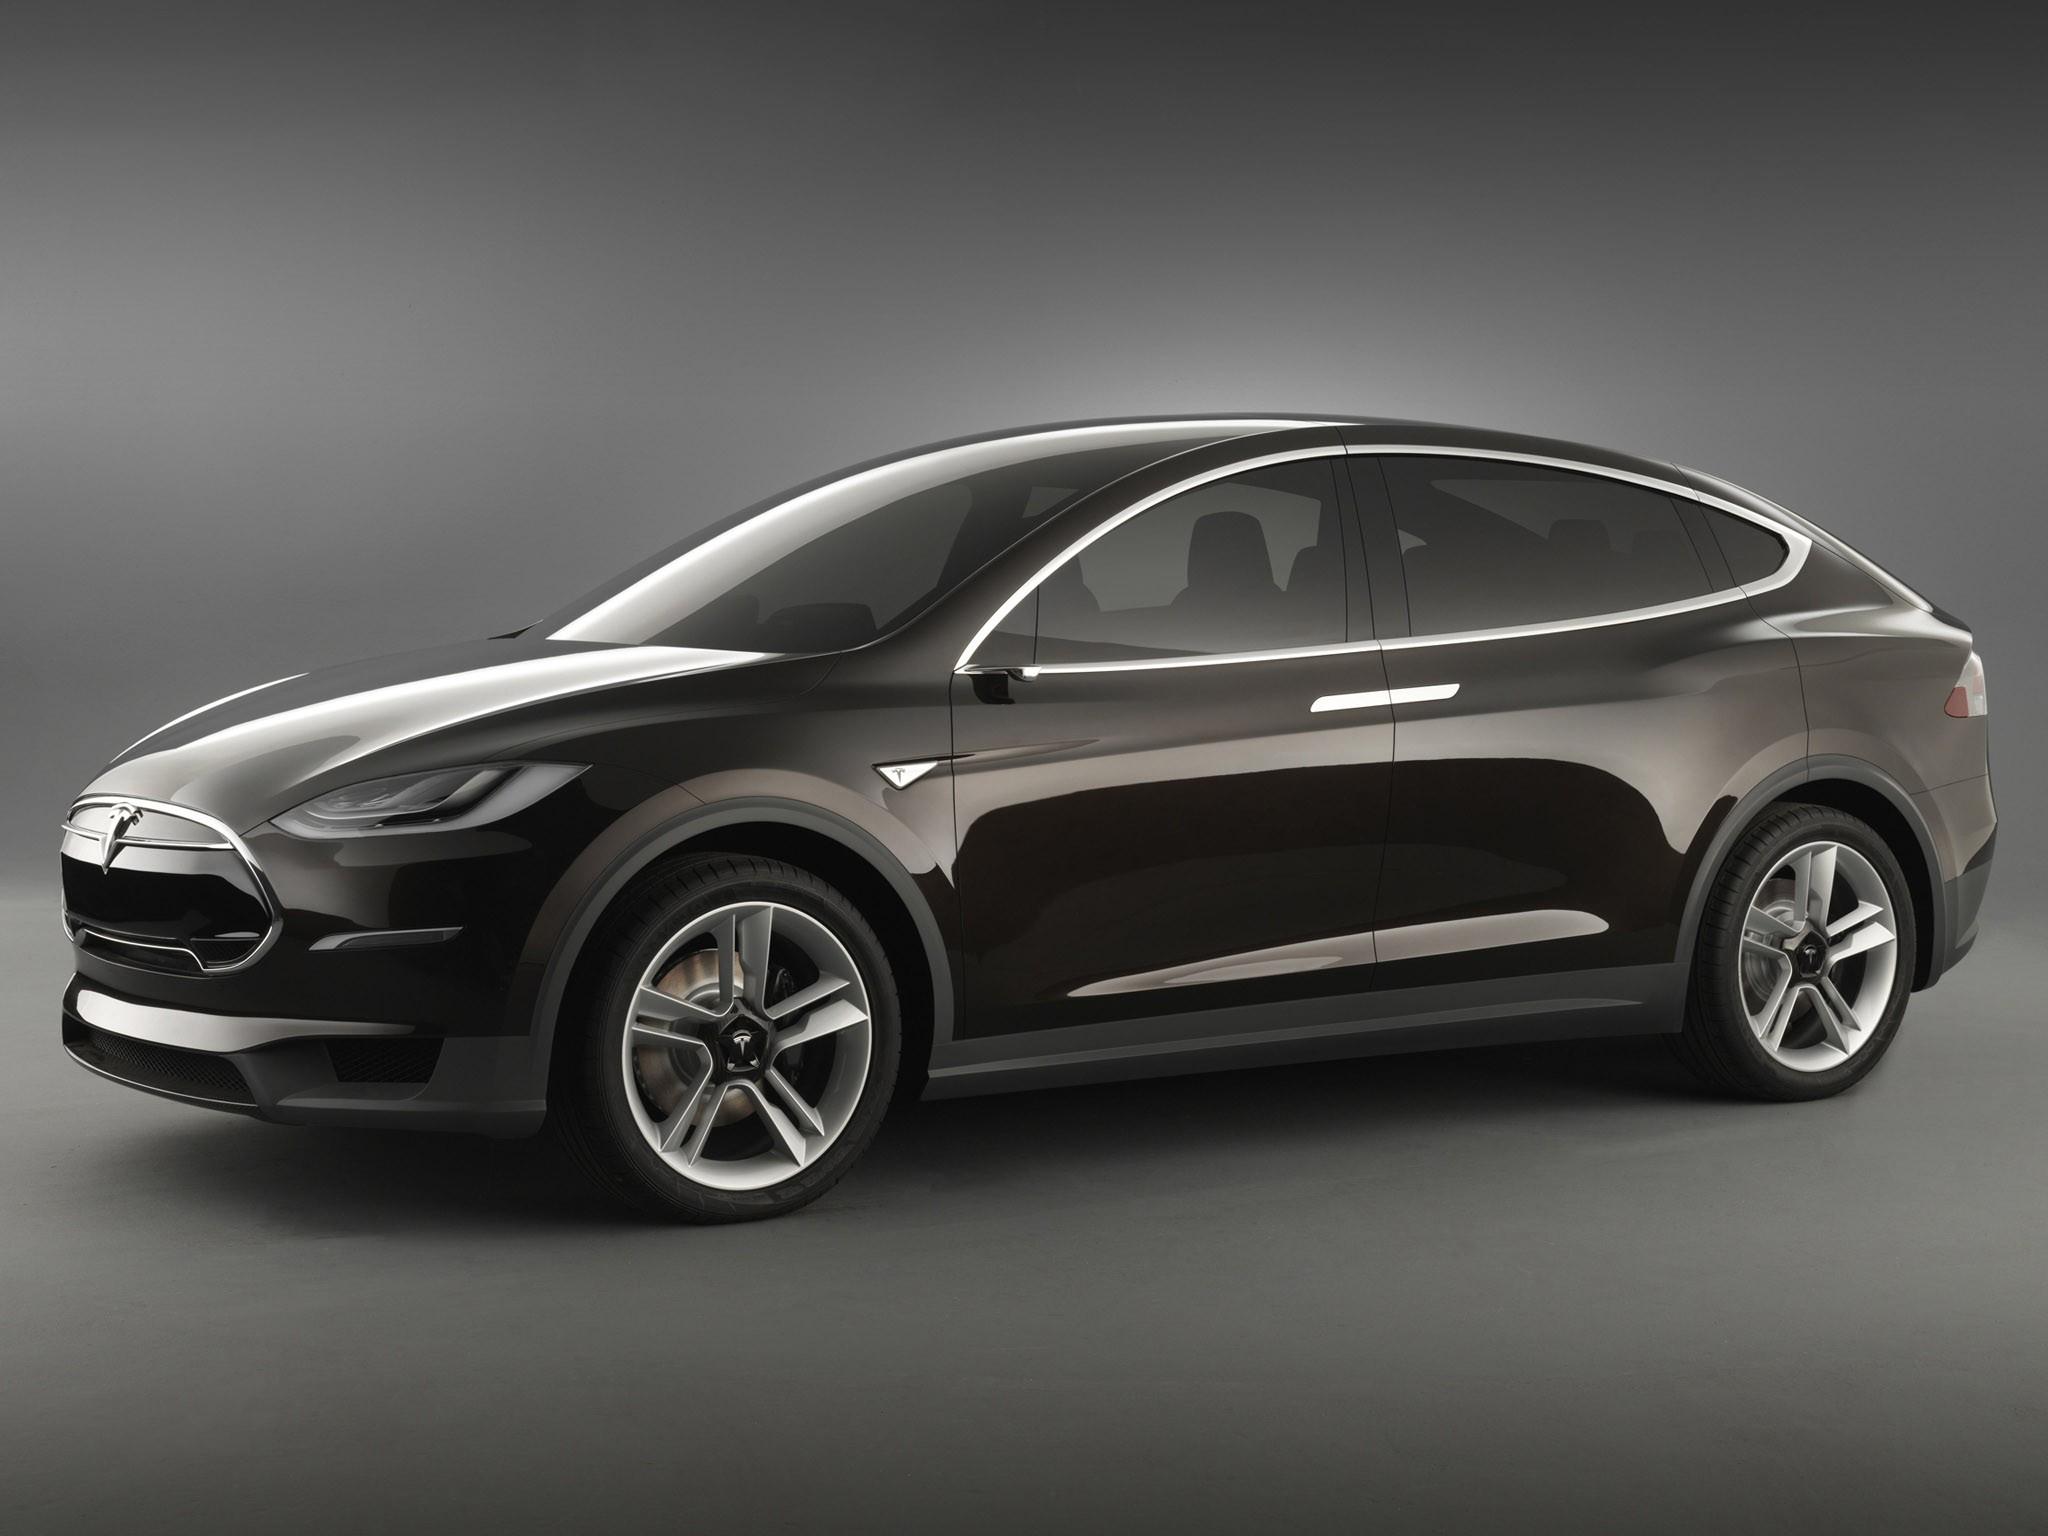 2012 Tesla Model X Prototype électrique